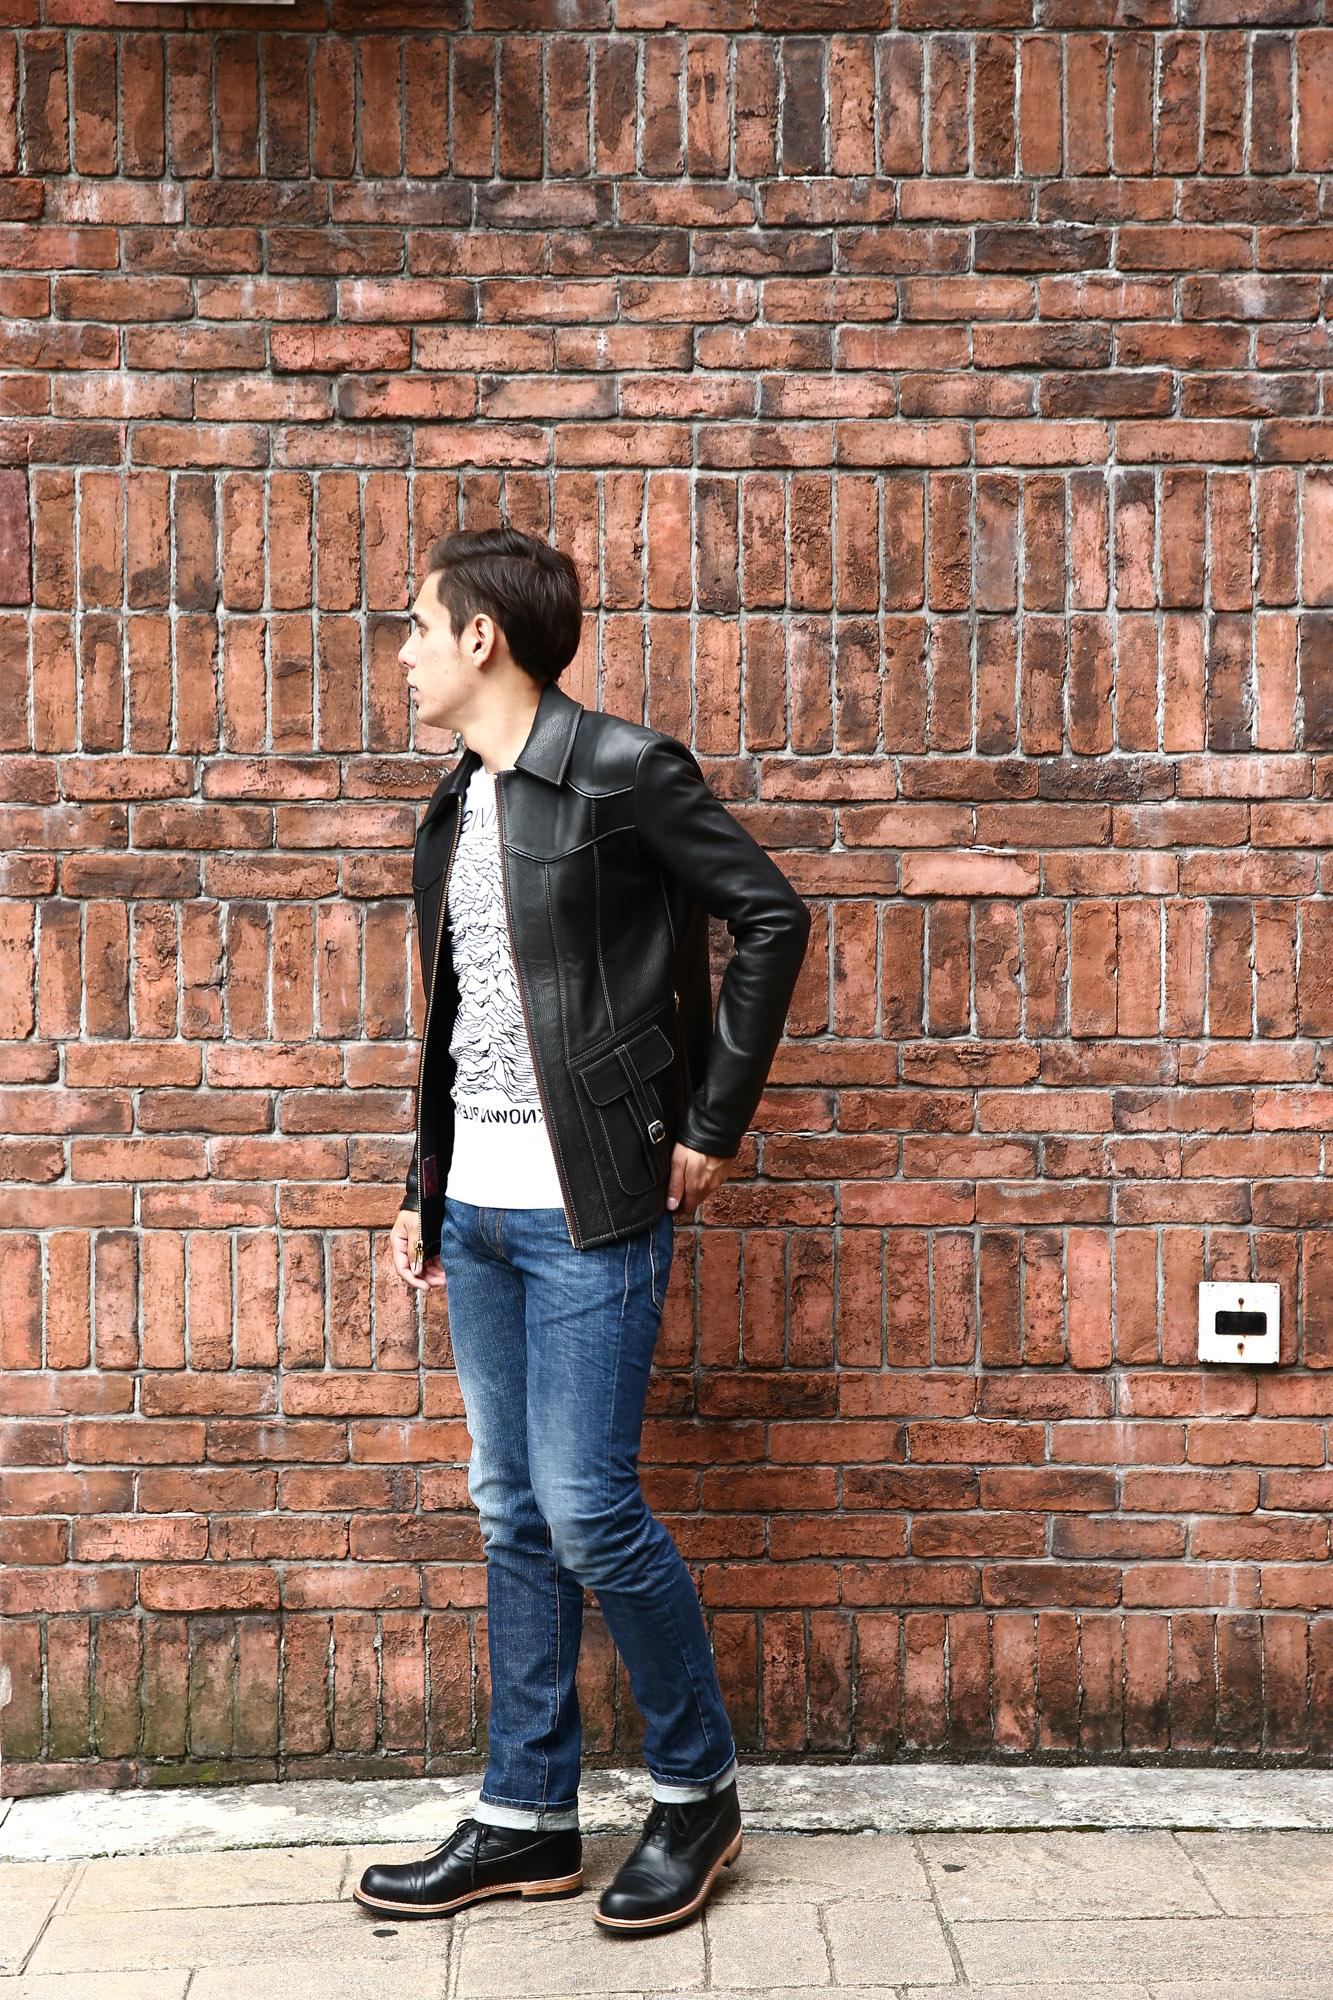 South Paradiso Leather(サウスパラディソレザー) East West イーストウエスト SMOKE スモーク レザージャケット BLACK(ブラック)  のコーディネート画像。70年代当時の細身のスタイルを採用し、サイズ感はかなりタイトに仕上がっており、Tシャツの上に羽織る形のサイジング。